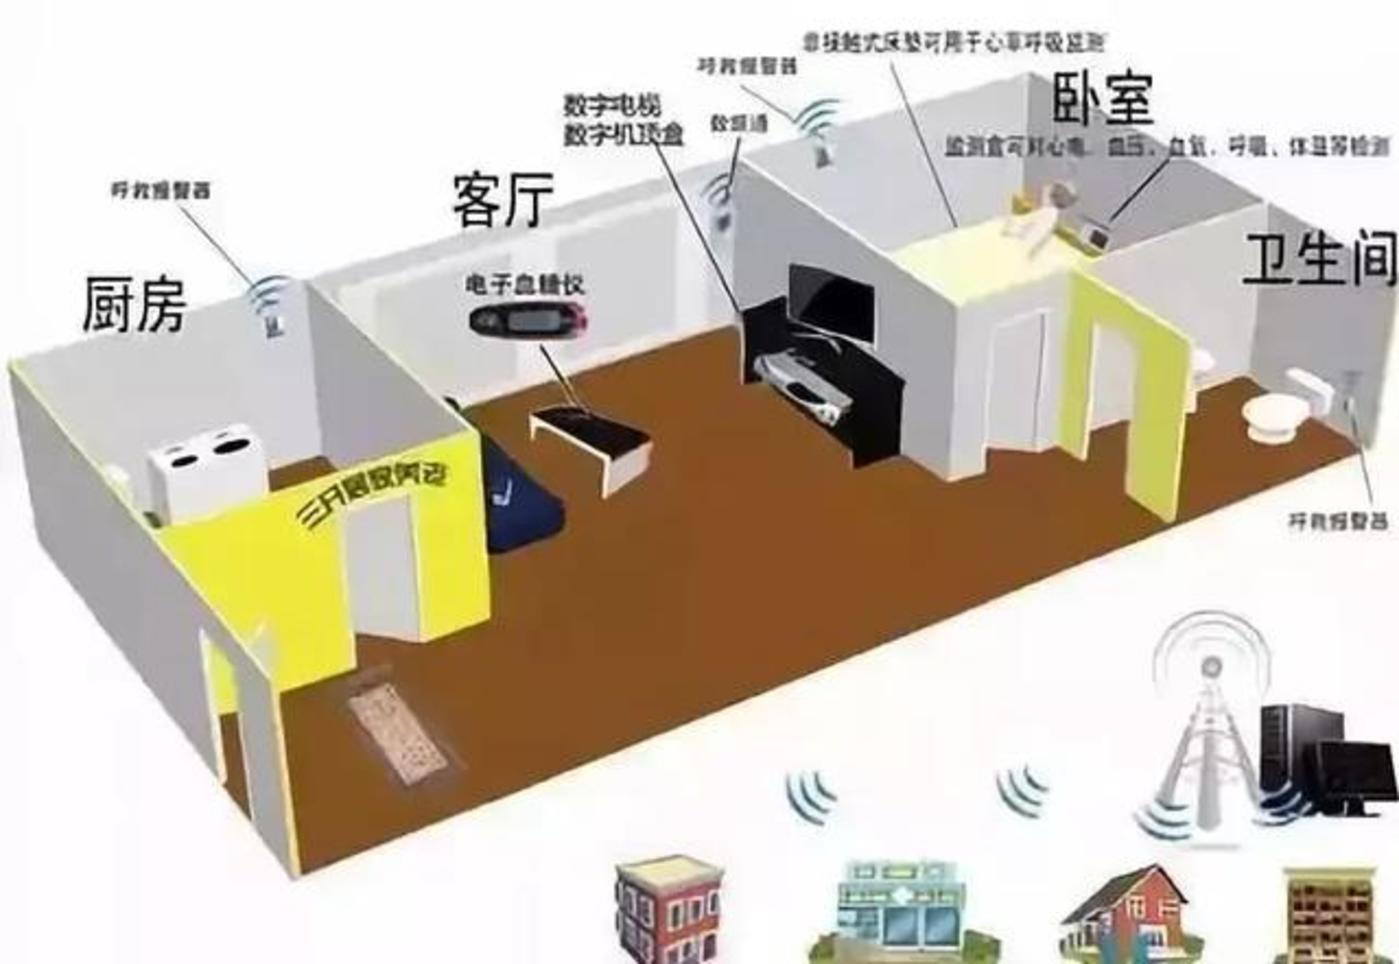 万物皆可IoT:日本养老启示录